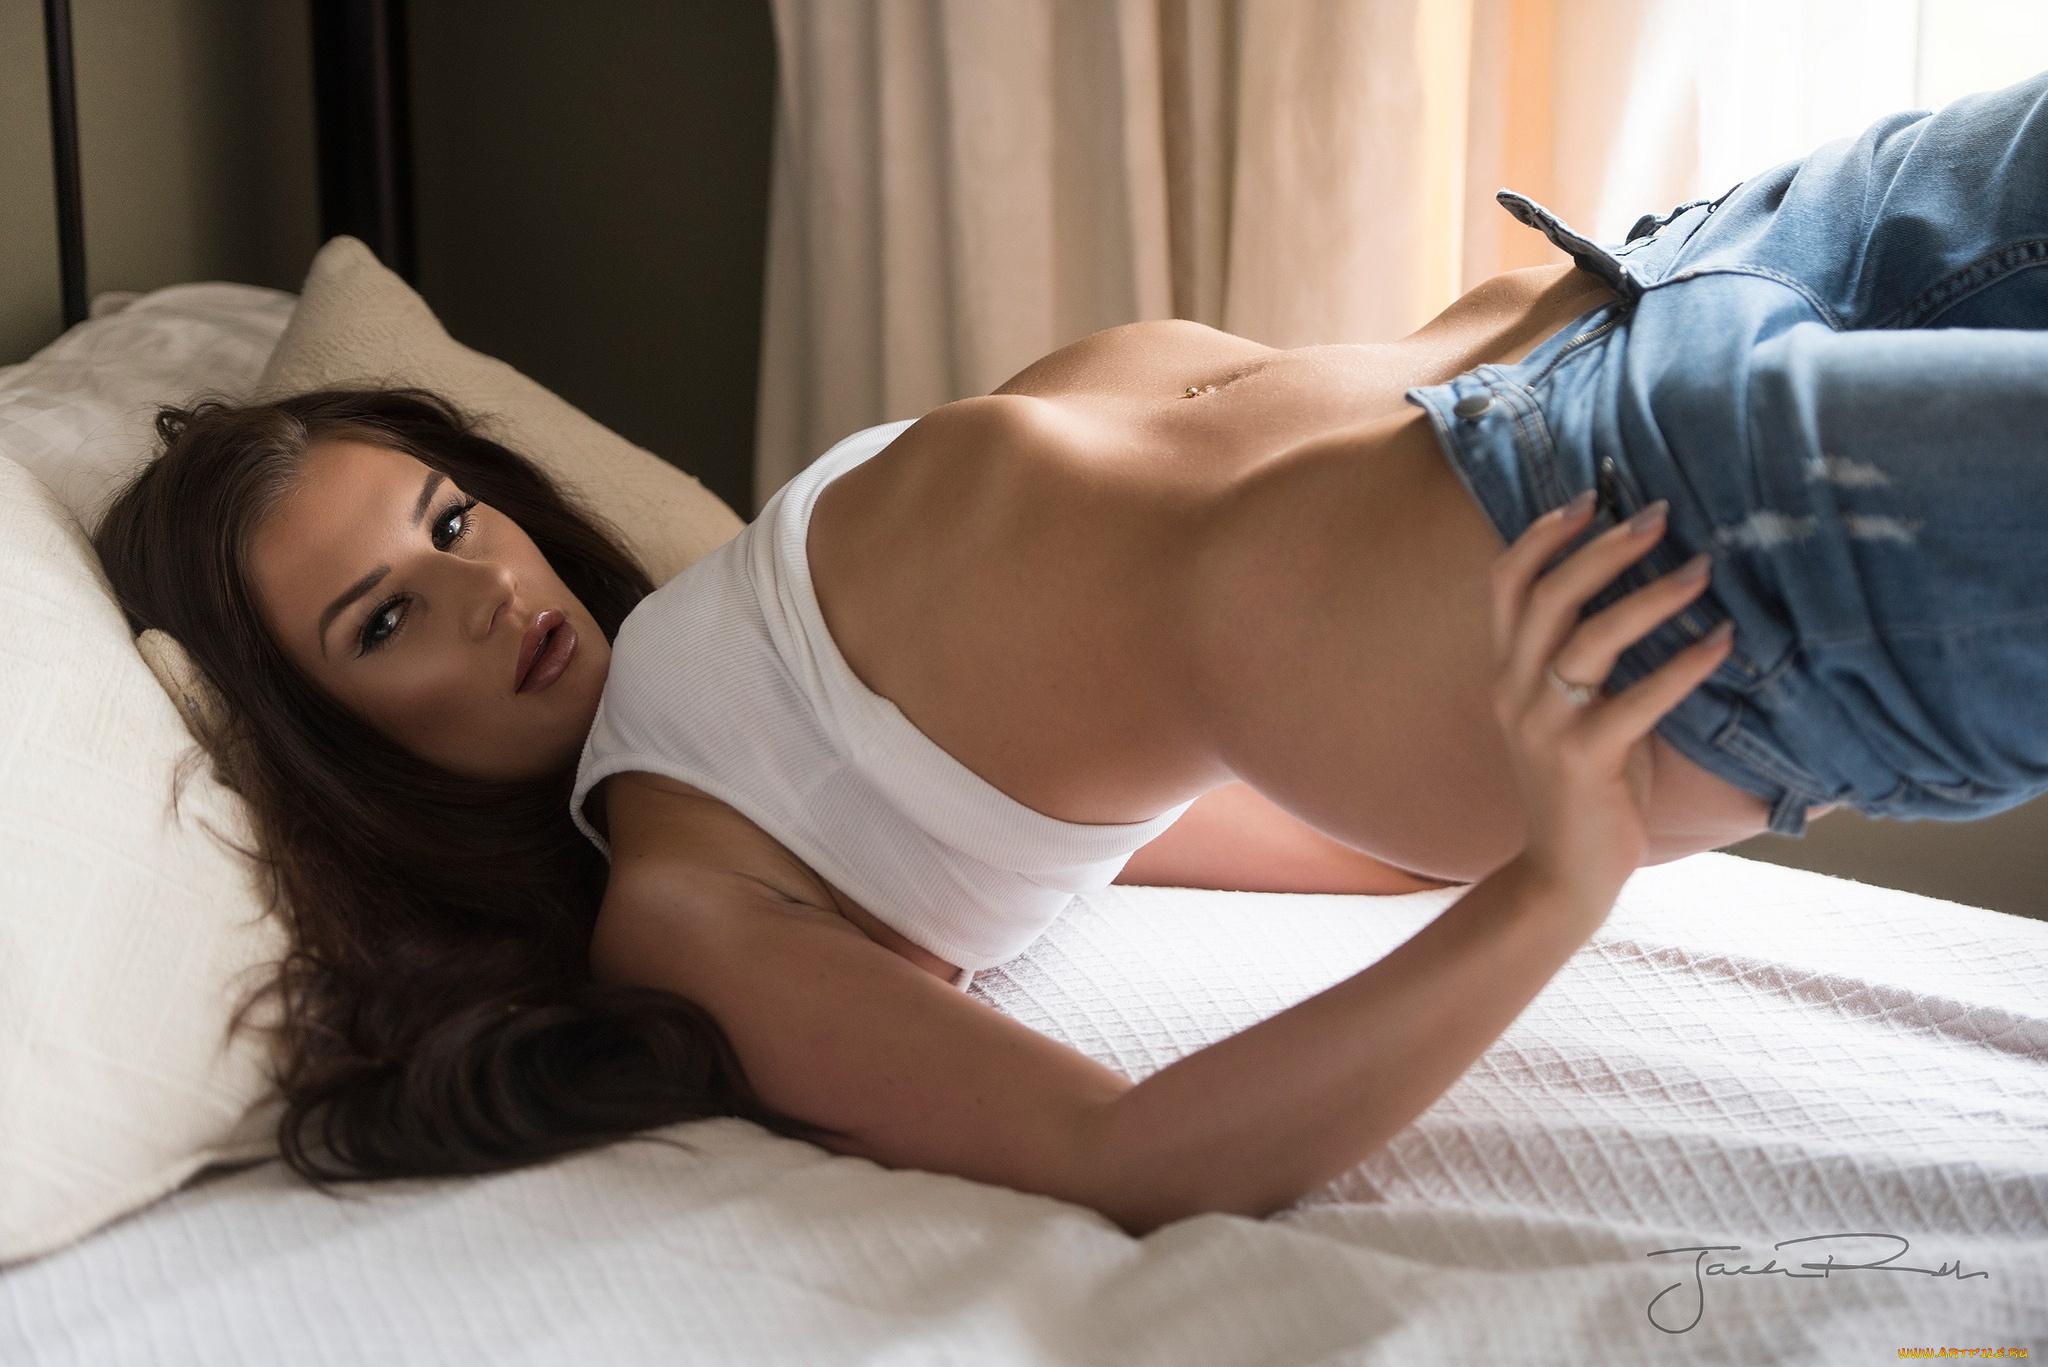 Девушка охотно раздевается на кровати  710680